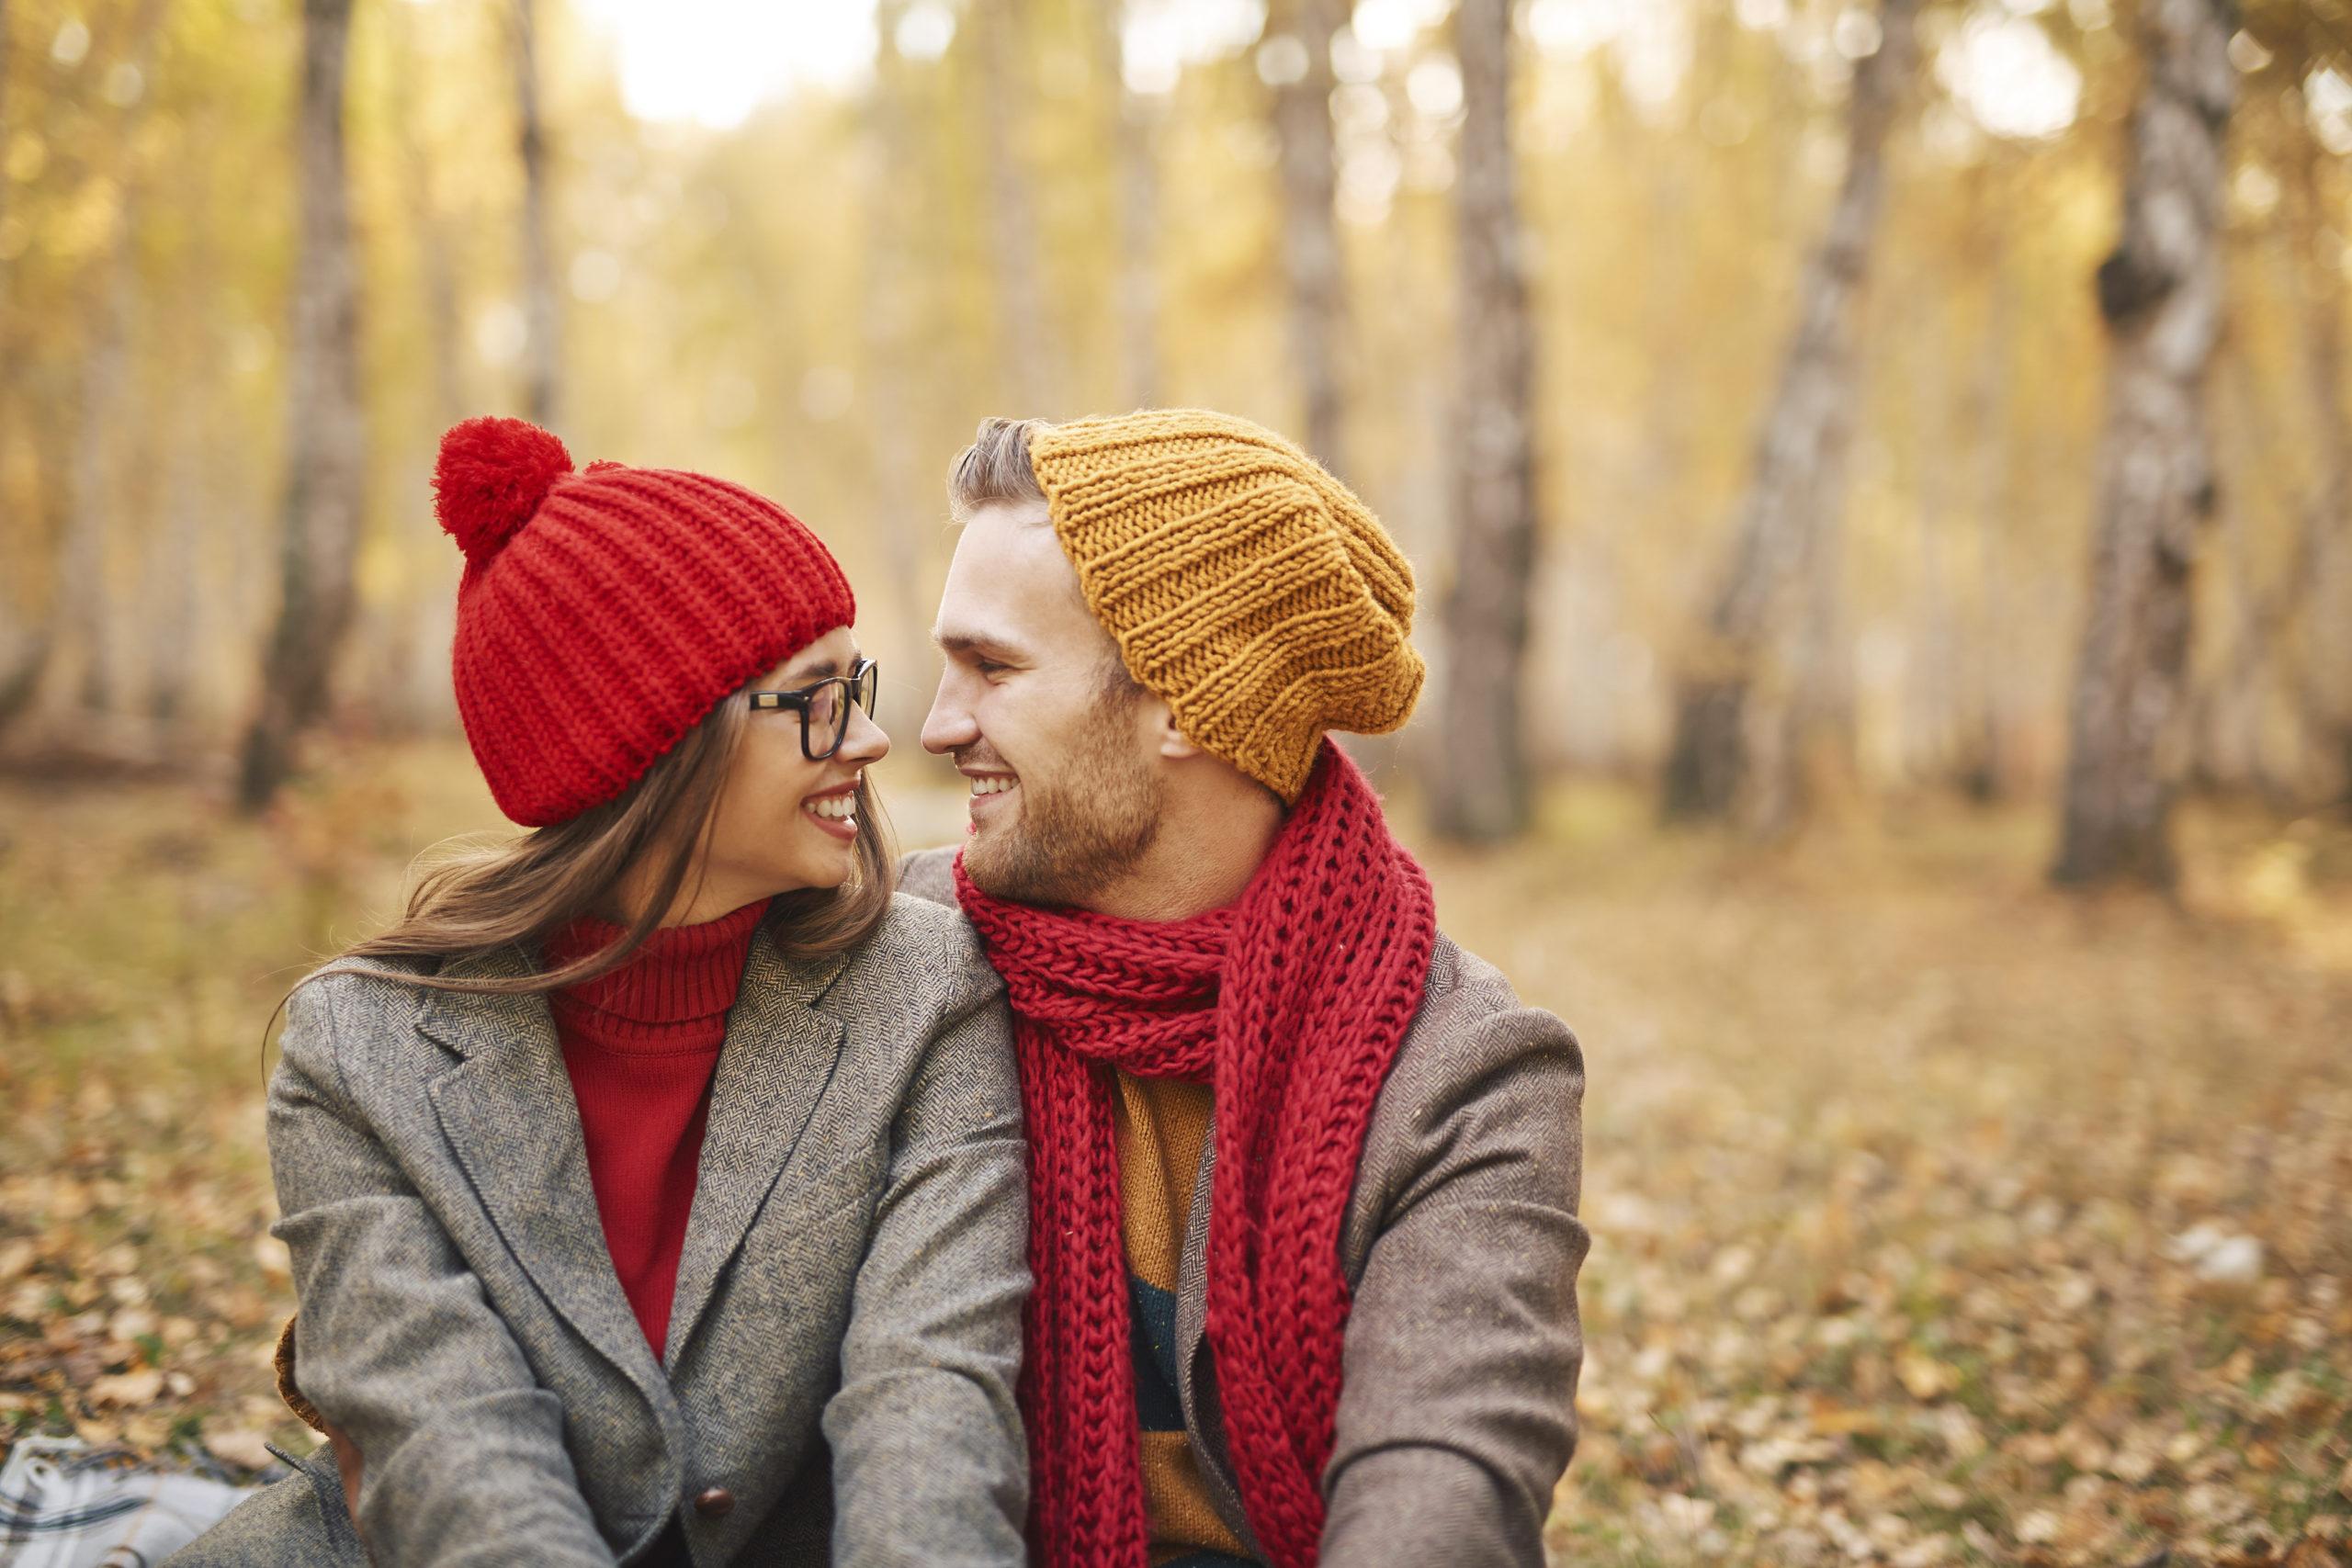 Compartir nuestras emociones y pasar buenos ratos nos hará sentir mejor en otoño